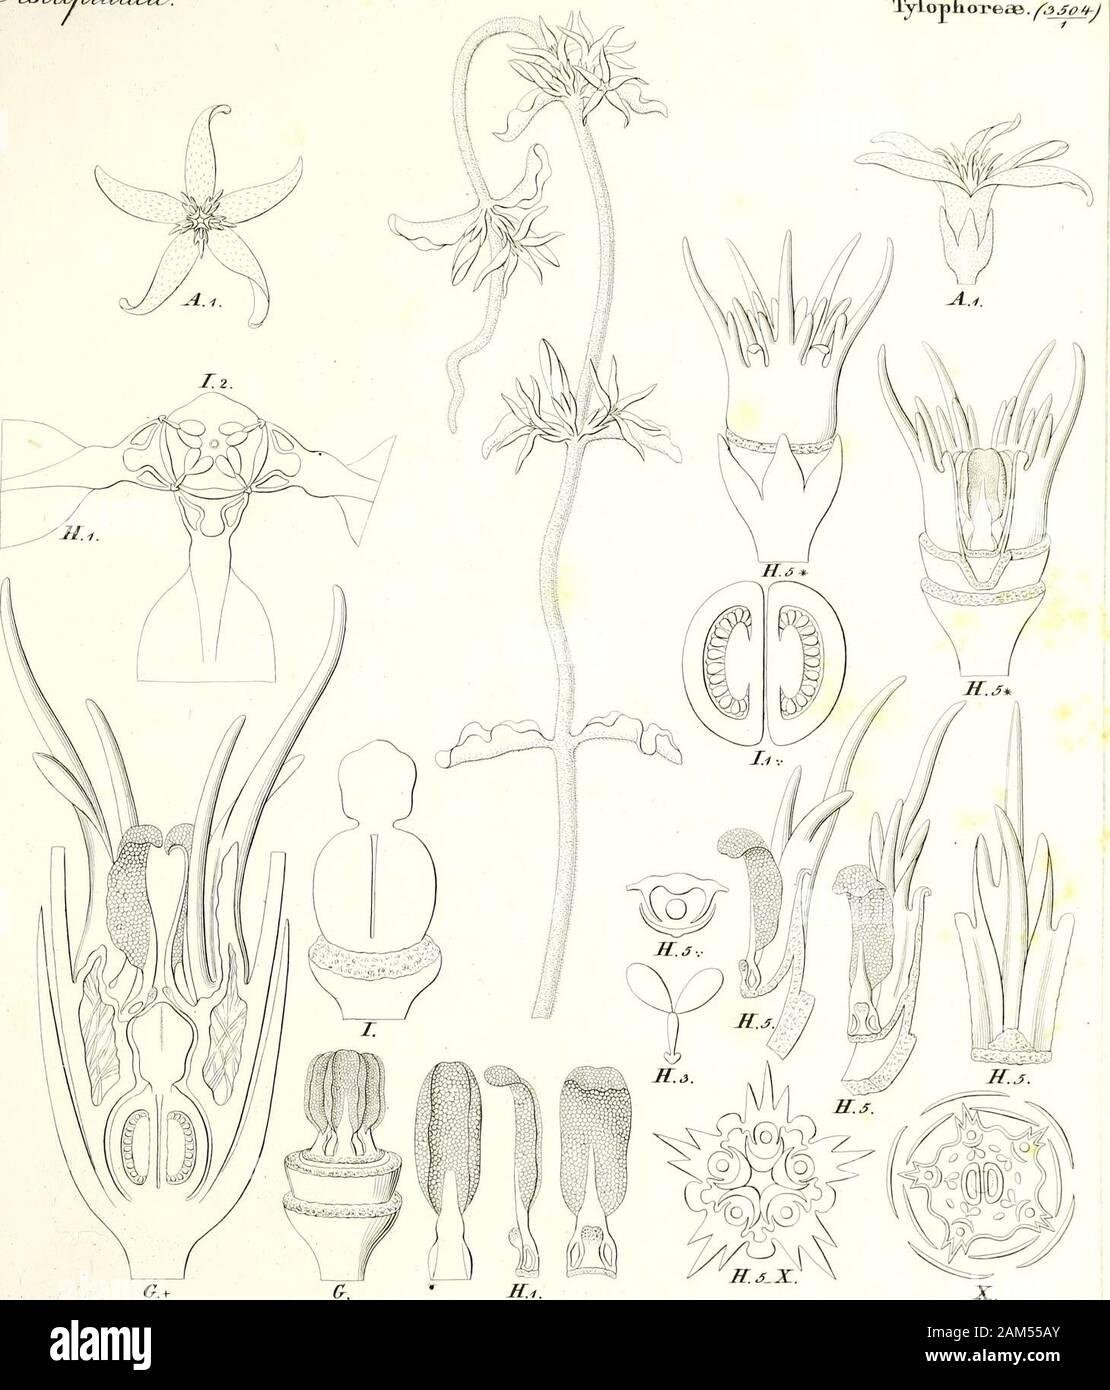 Iconographia generum plantarum . te^W^ ov/bTtzceciu w. .(S.&mt. &3! j^hiadete. TyLopli oreas. fqjojt-J. I ffiJj cafe&t J^Mart *>. fgfj ^[Uoiz^T^n^a^. fayafc/ Stock Photo